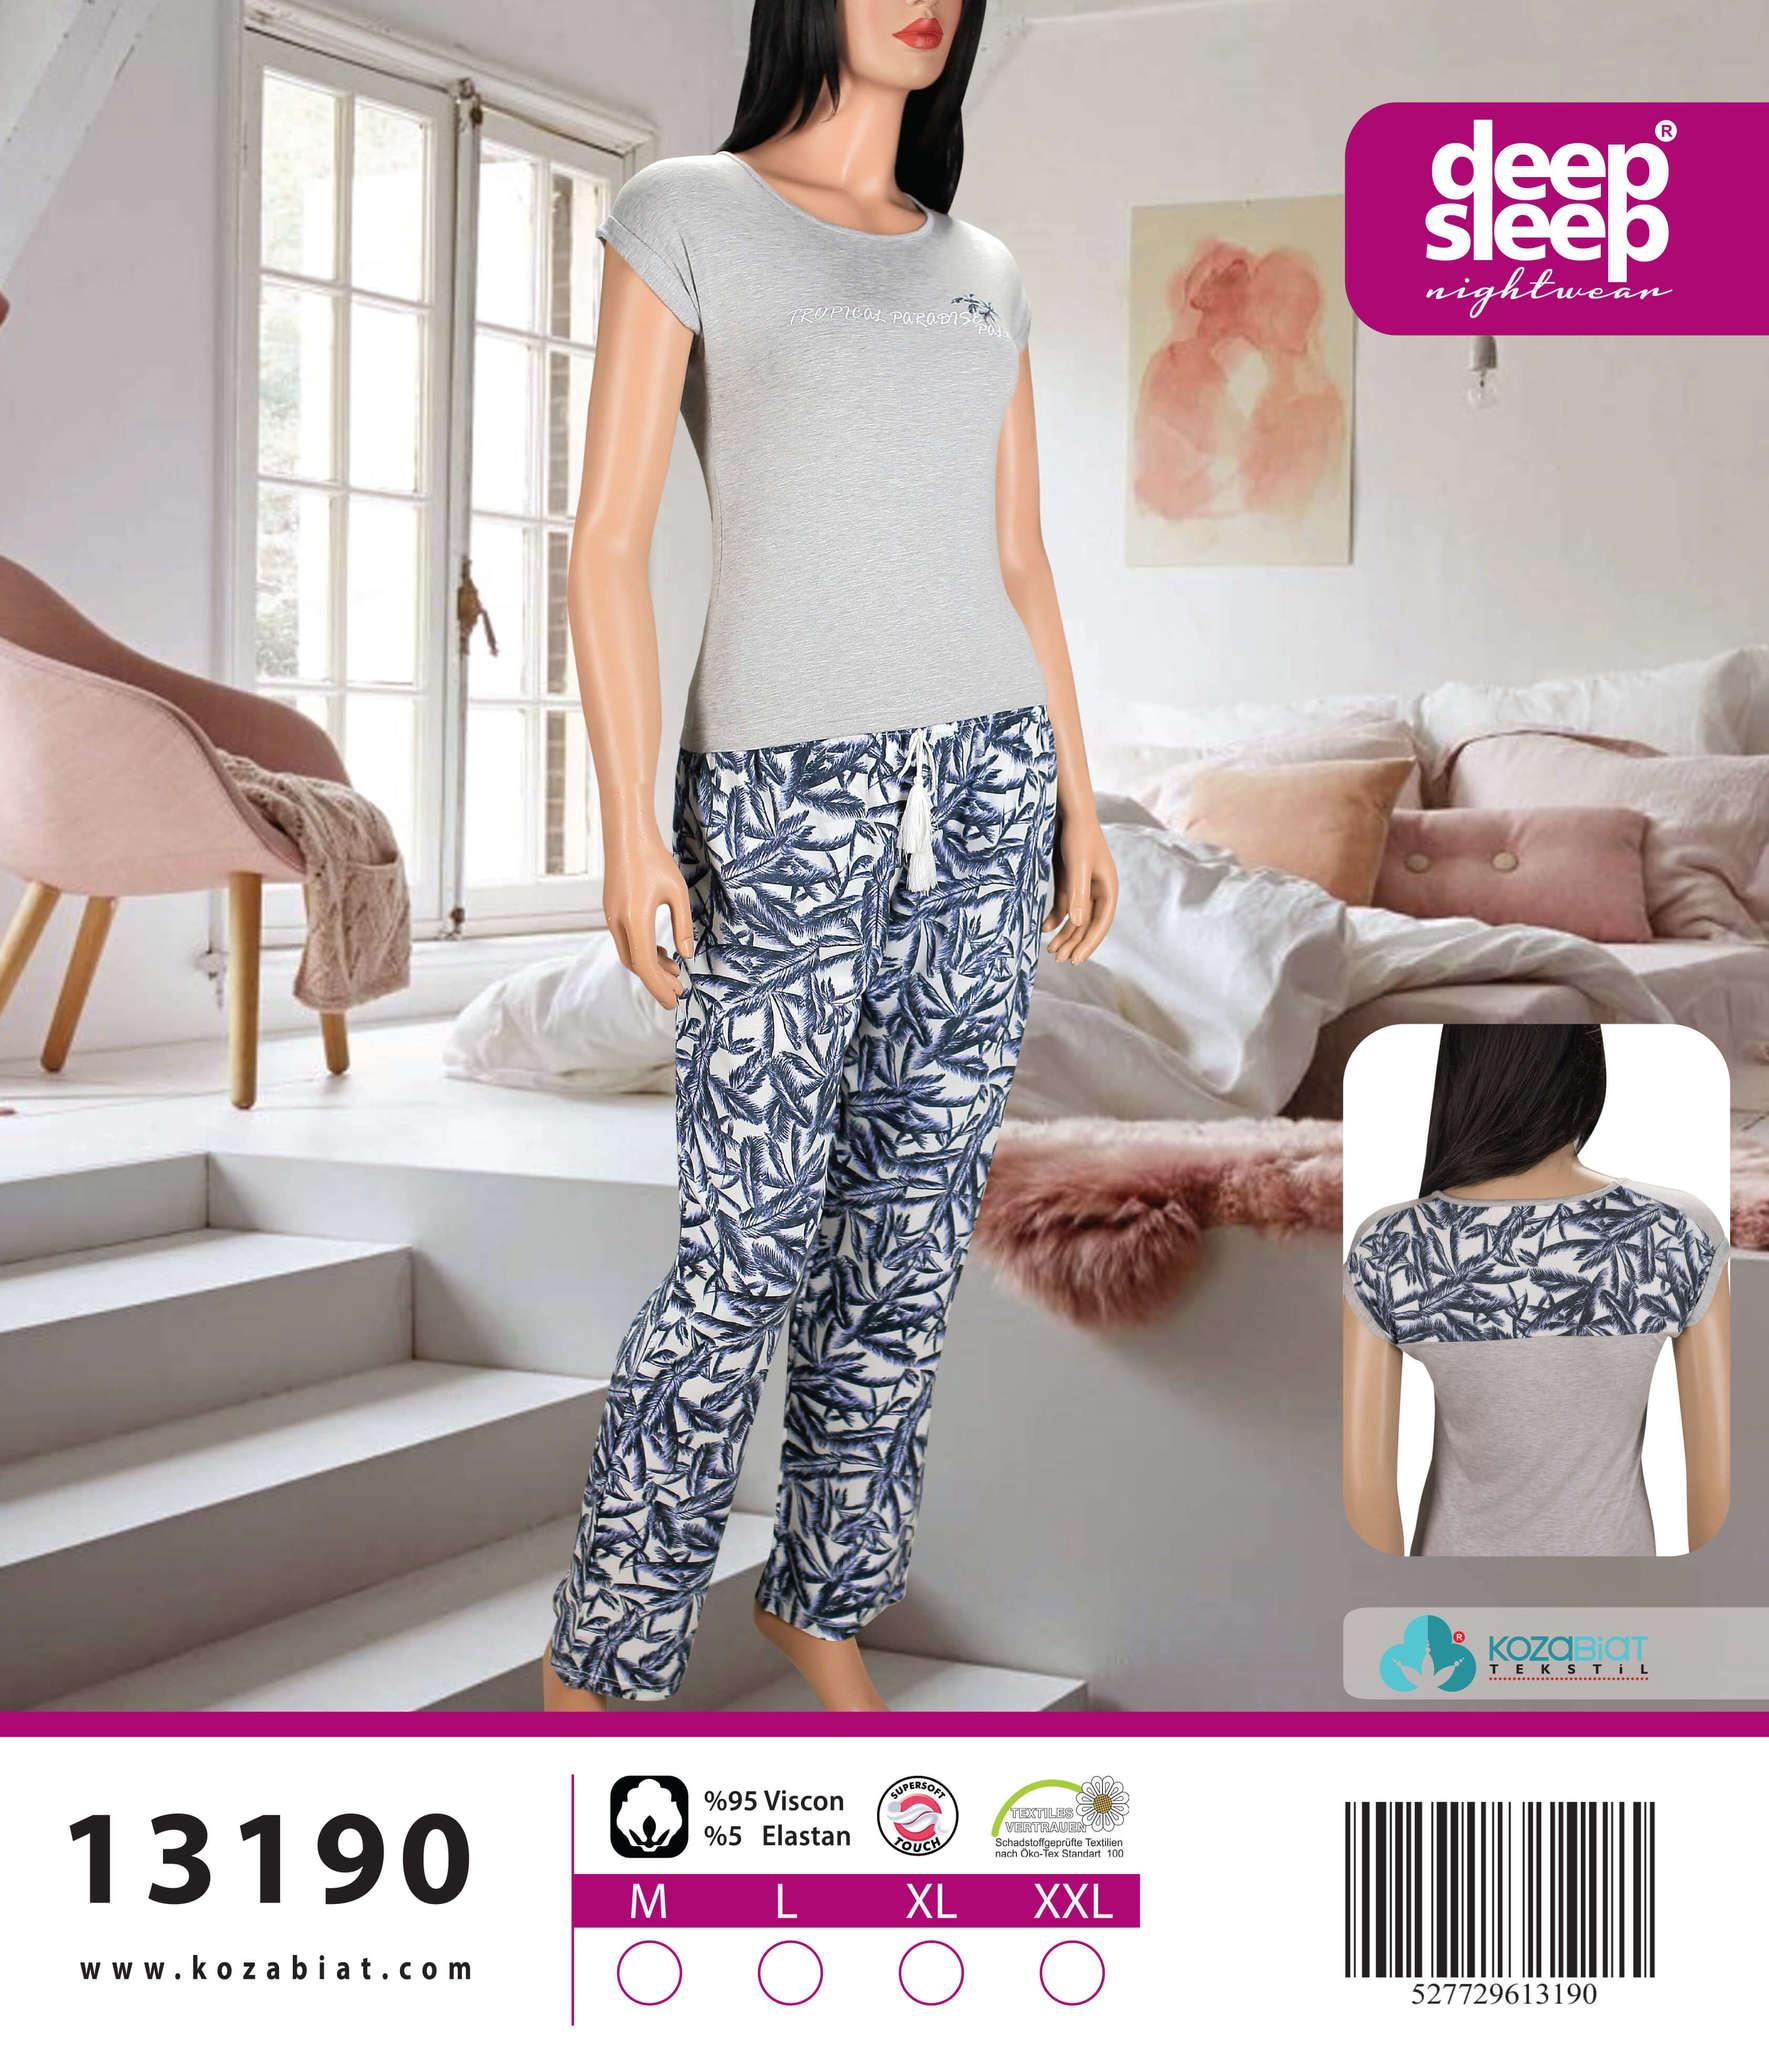 DEEP SLEEP Комплект Deep Sleep 13190 13190.jpg